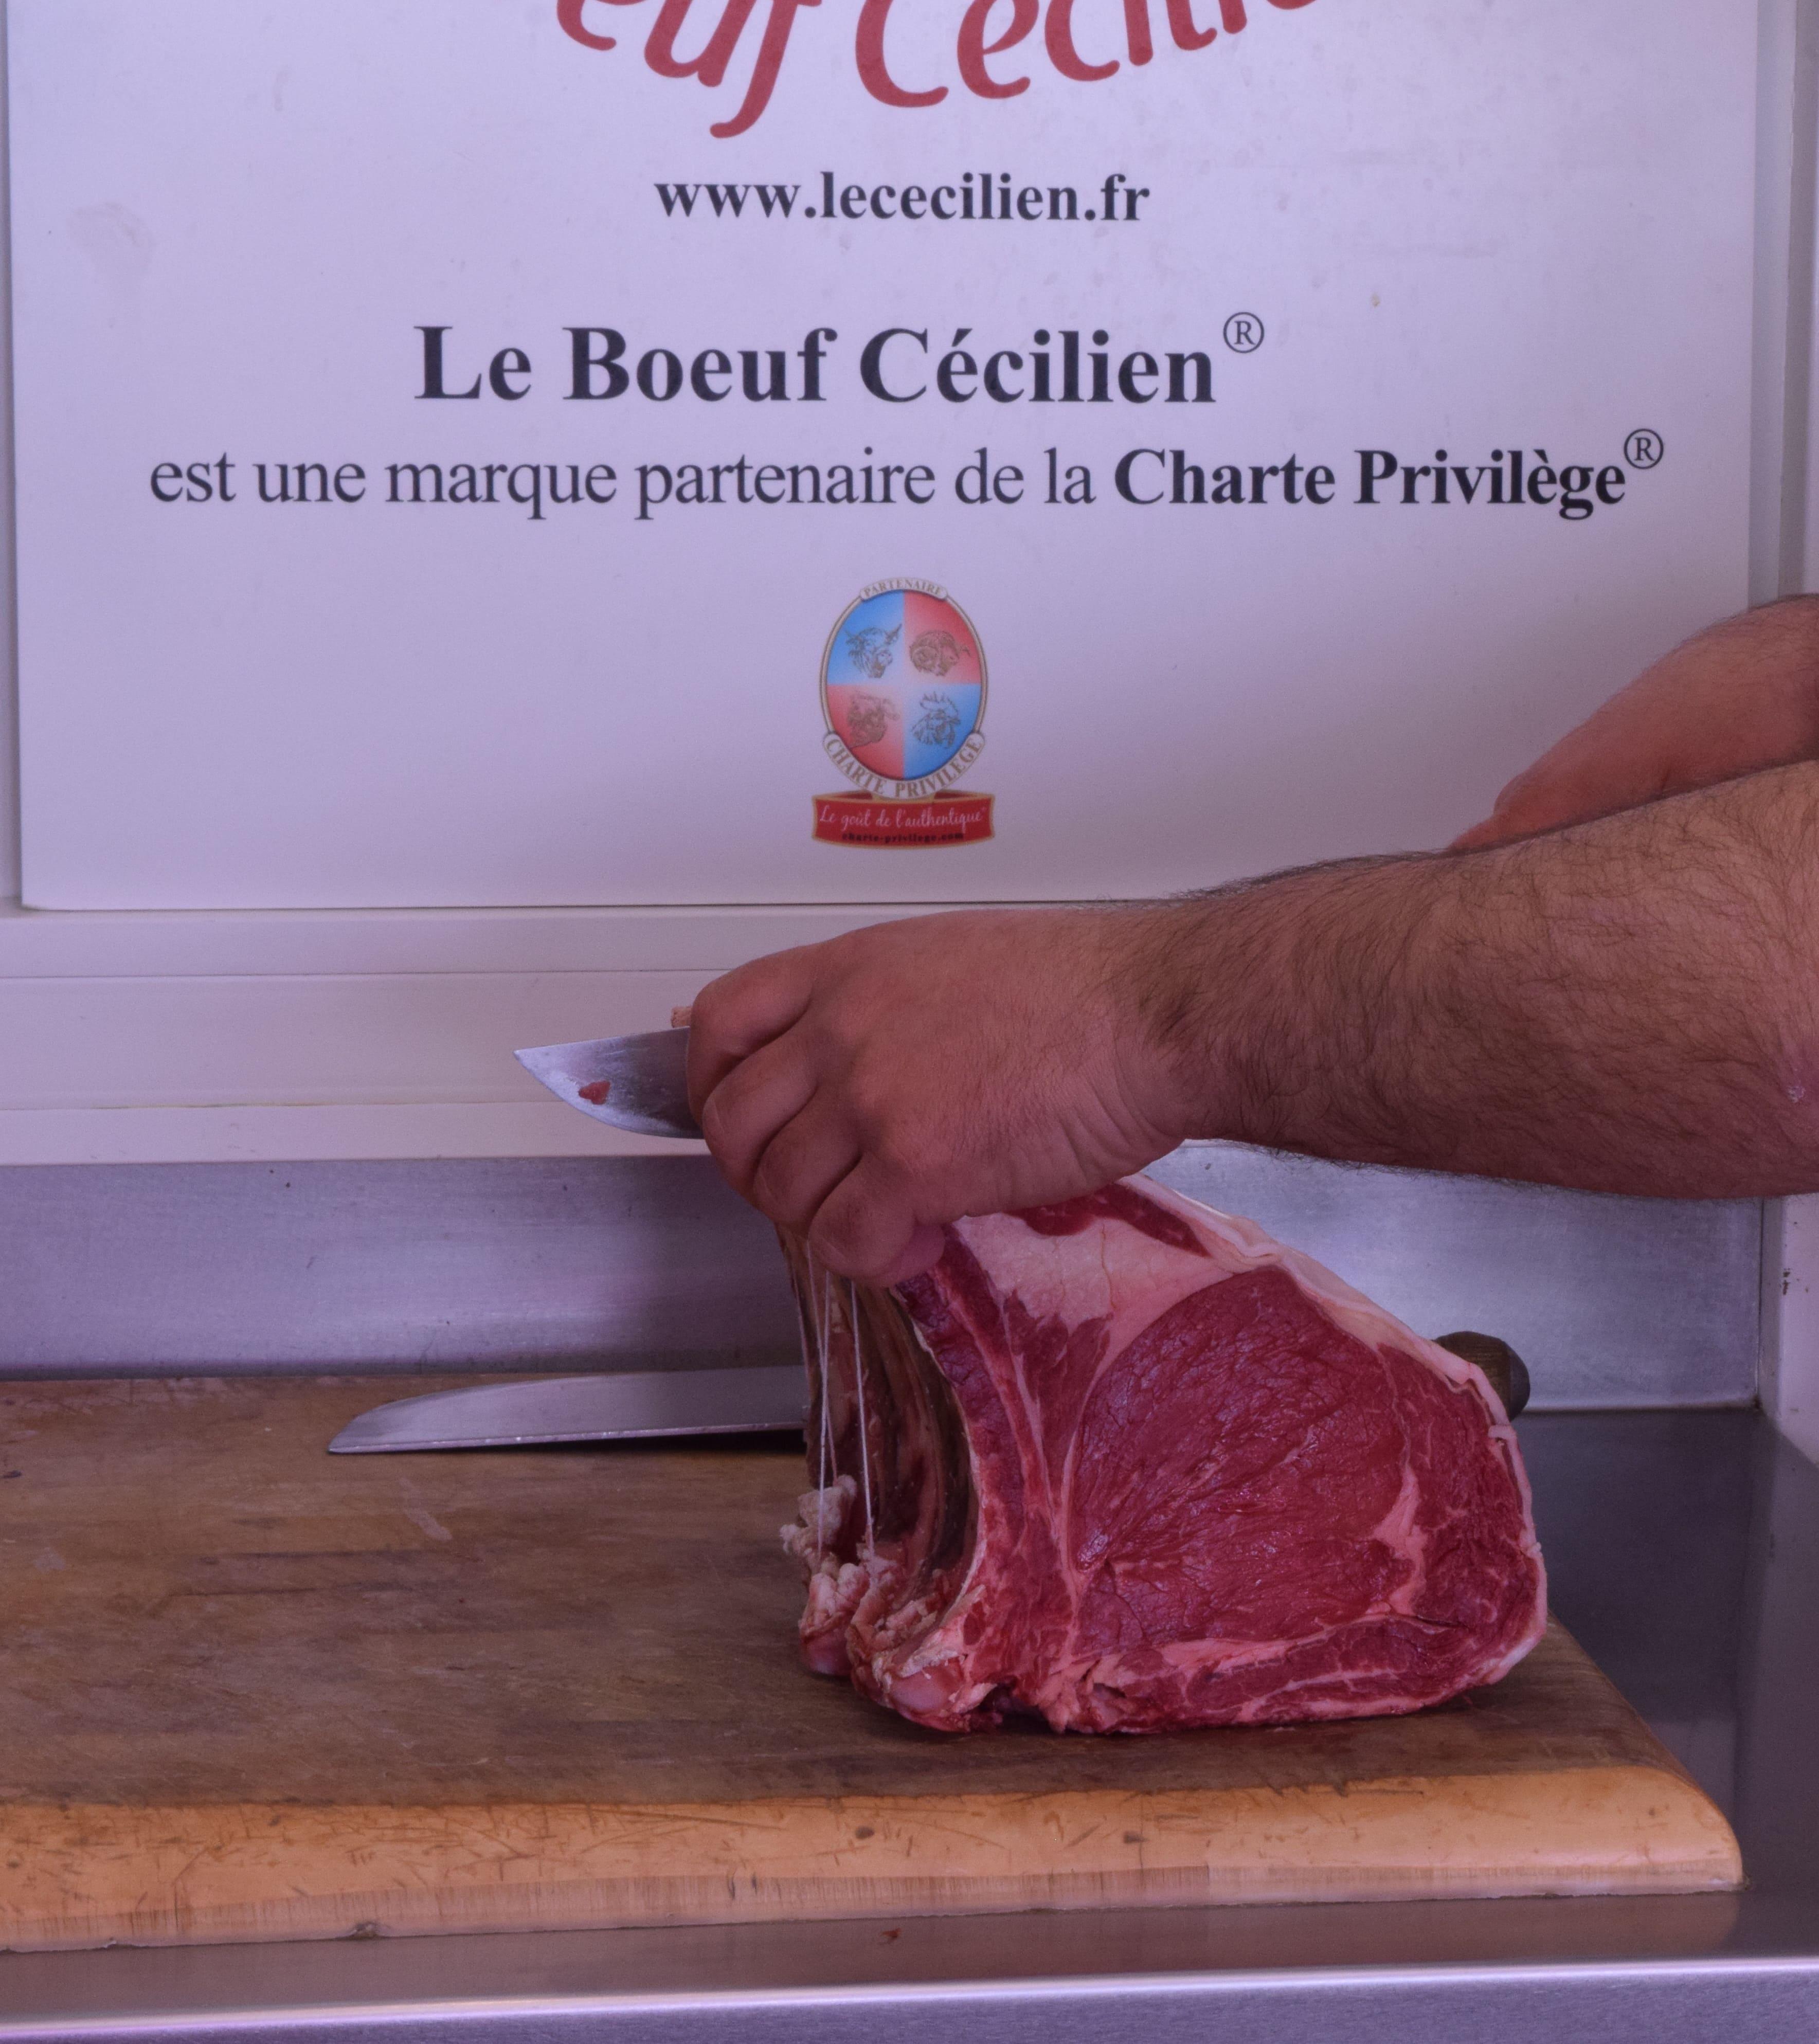 Artisan boucher découpe de la viande bovine, race Cécilienne